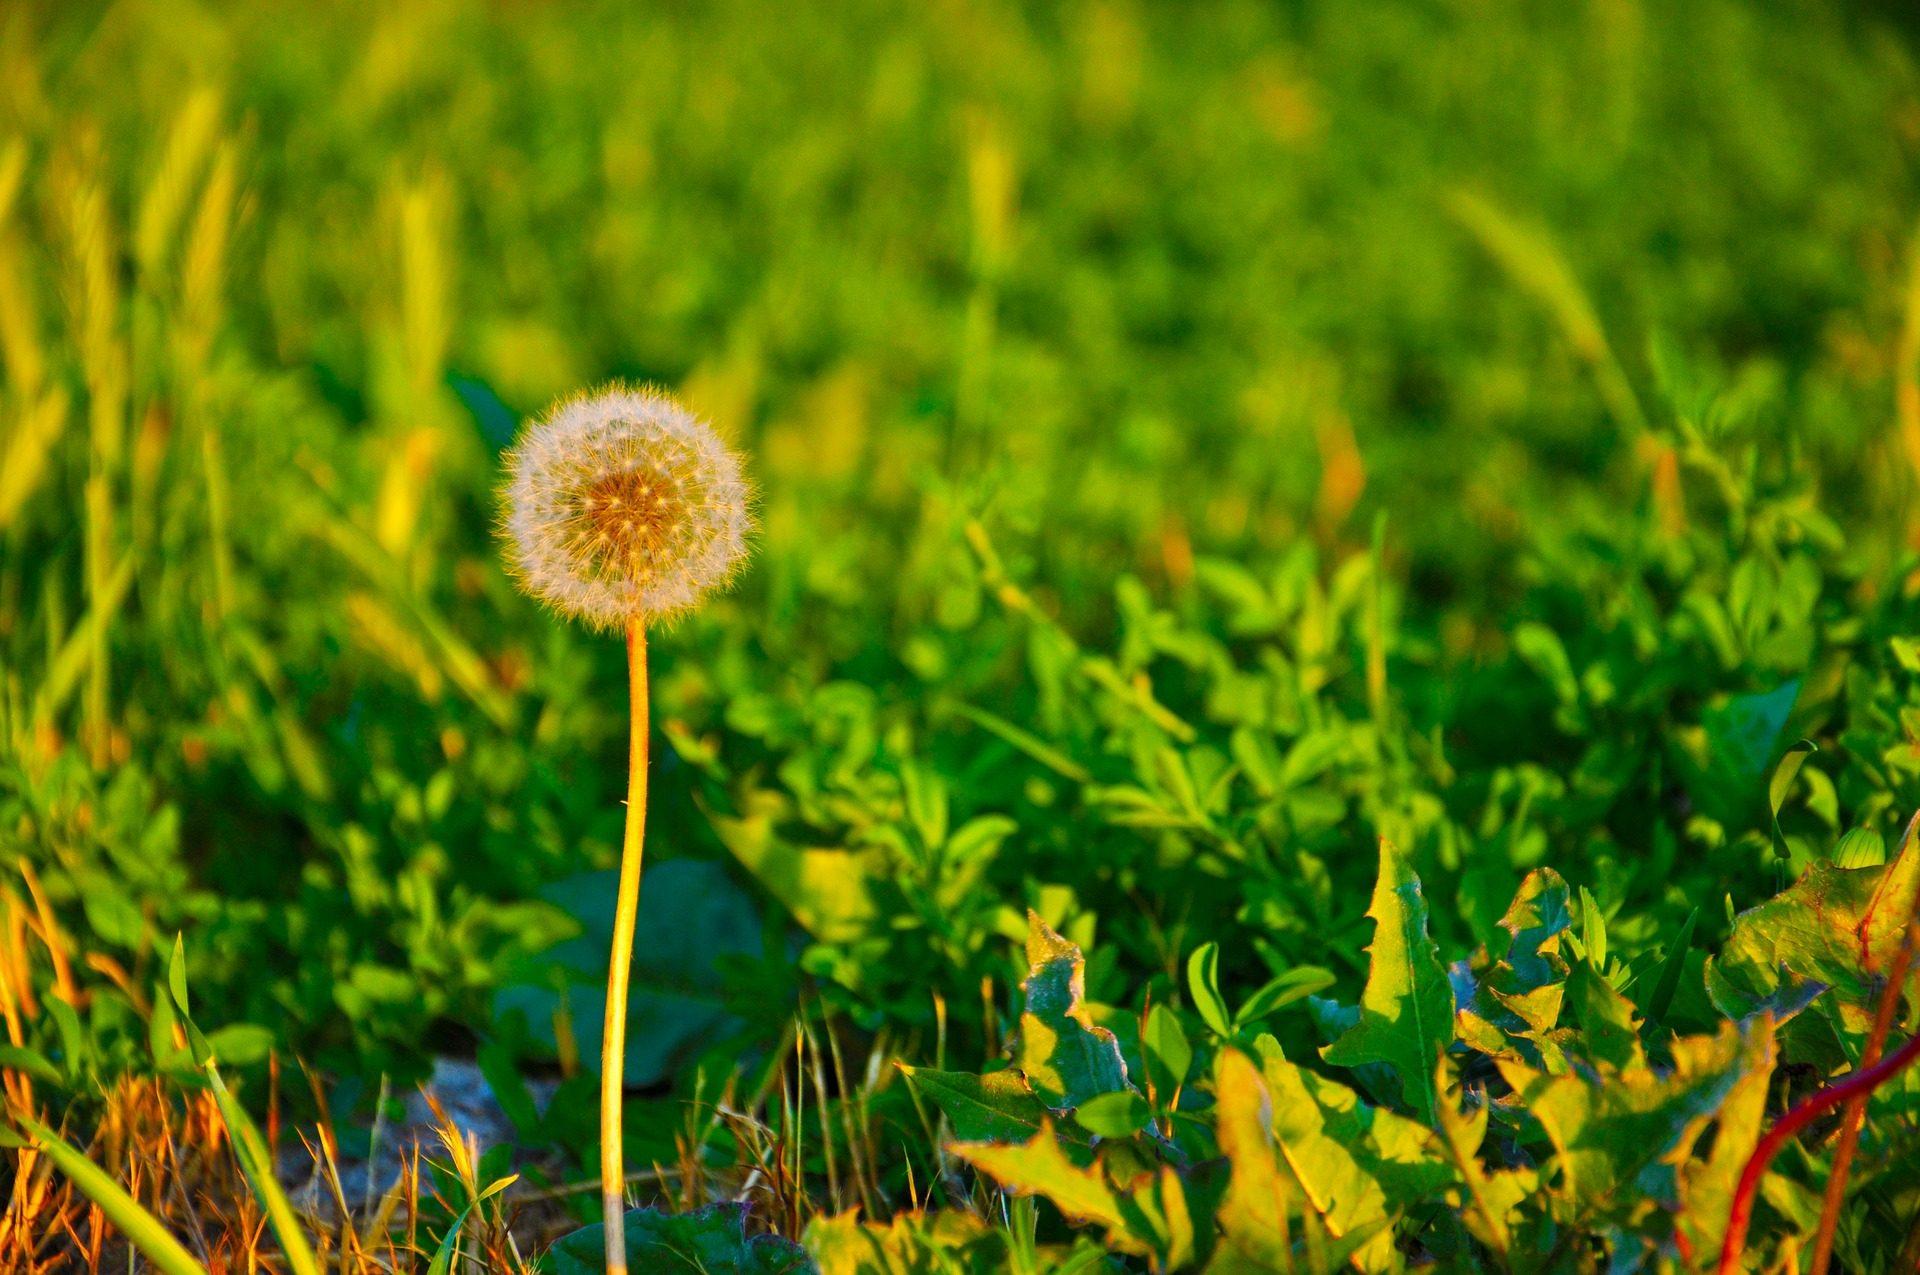 Одуванчик, Первый этаж, цветок, поле, трава, стебель - Обои HD - Профессор falken.com